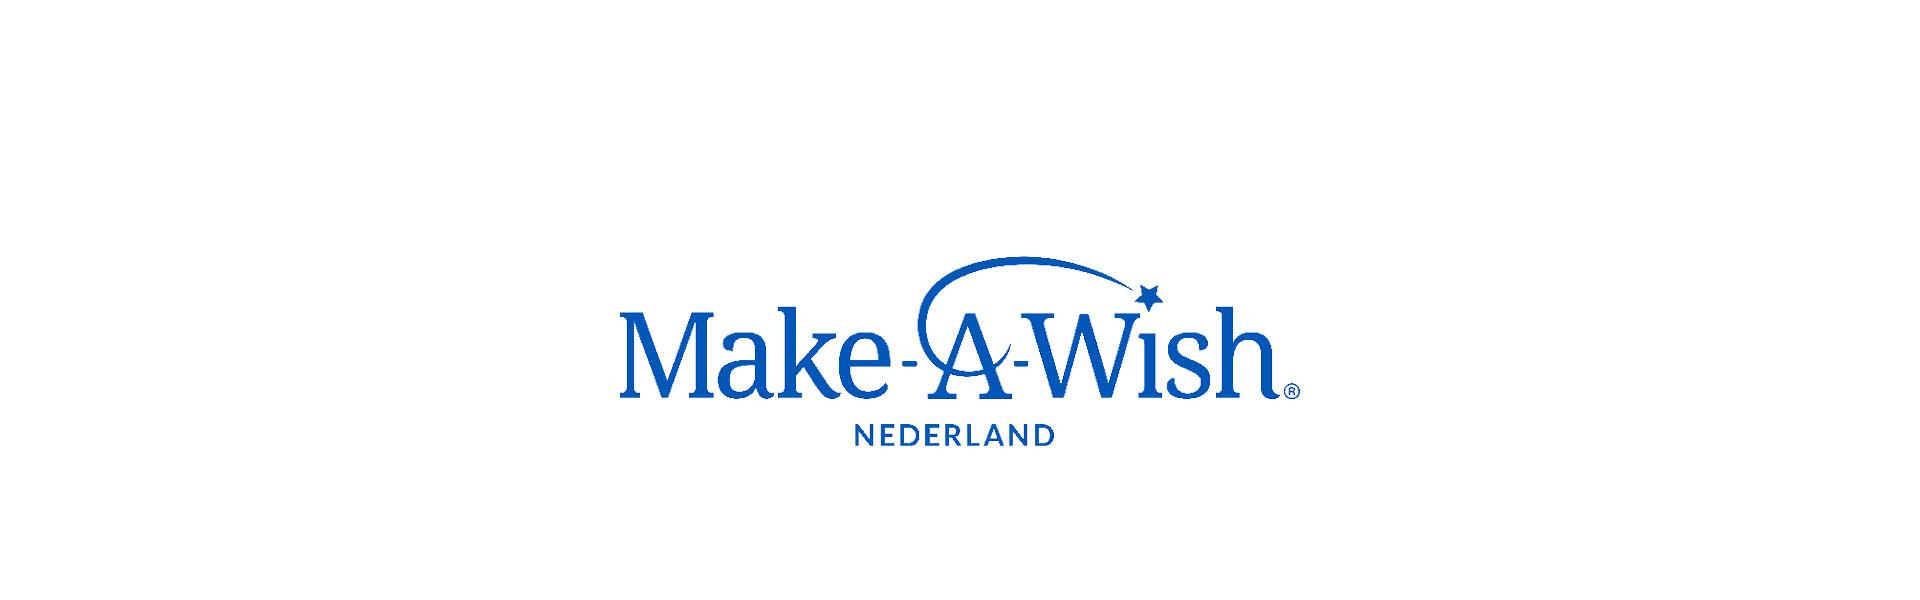 Make-A-Wish Nederland: mooie armbanden